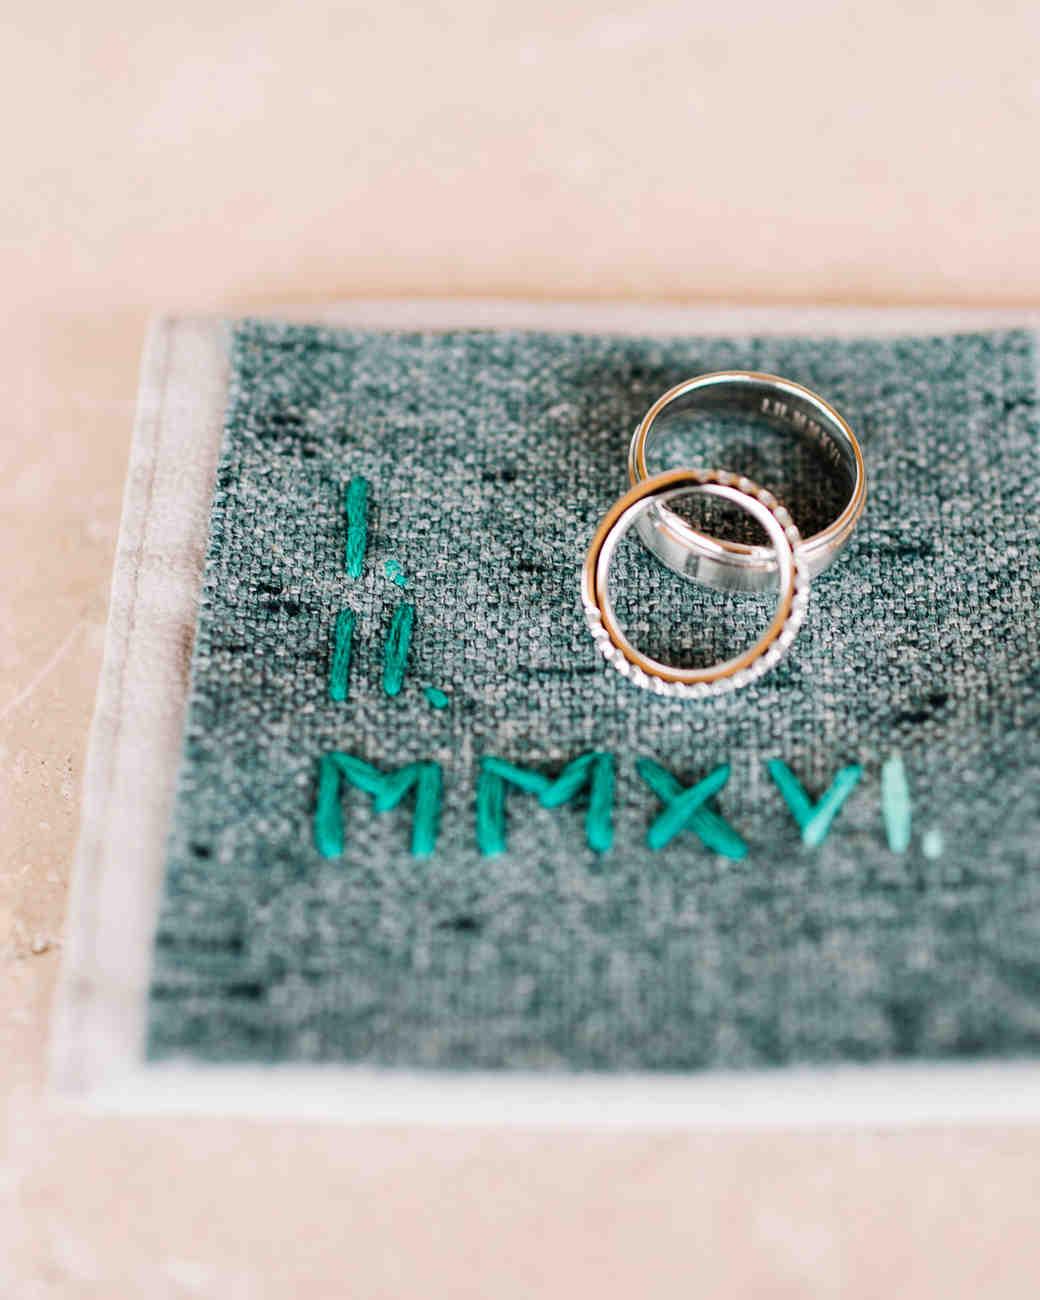 rebecca-eji-wedding-rings-096-s113057-0616.jpg